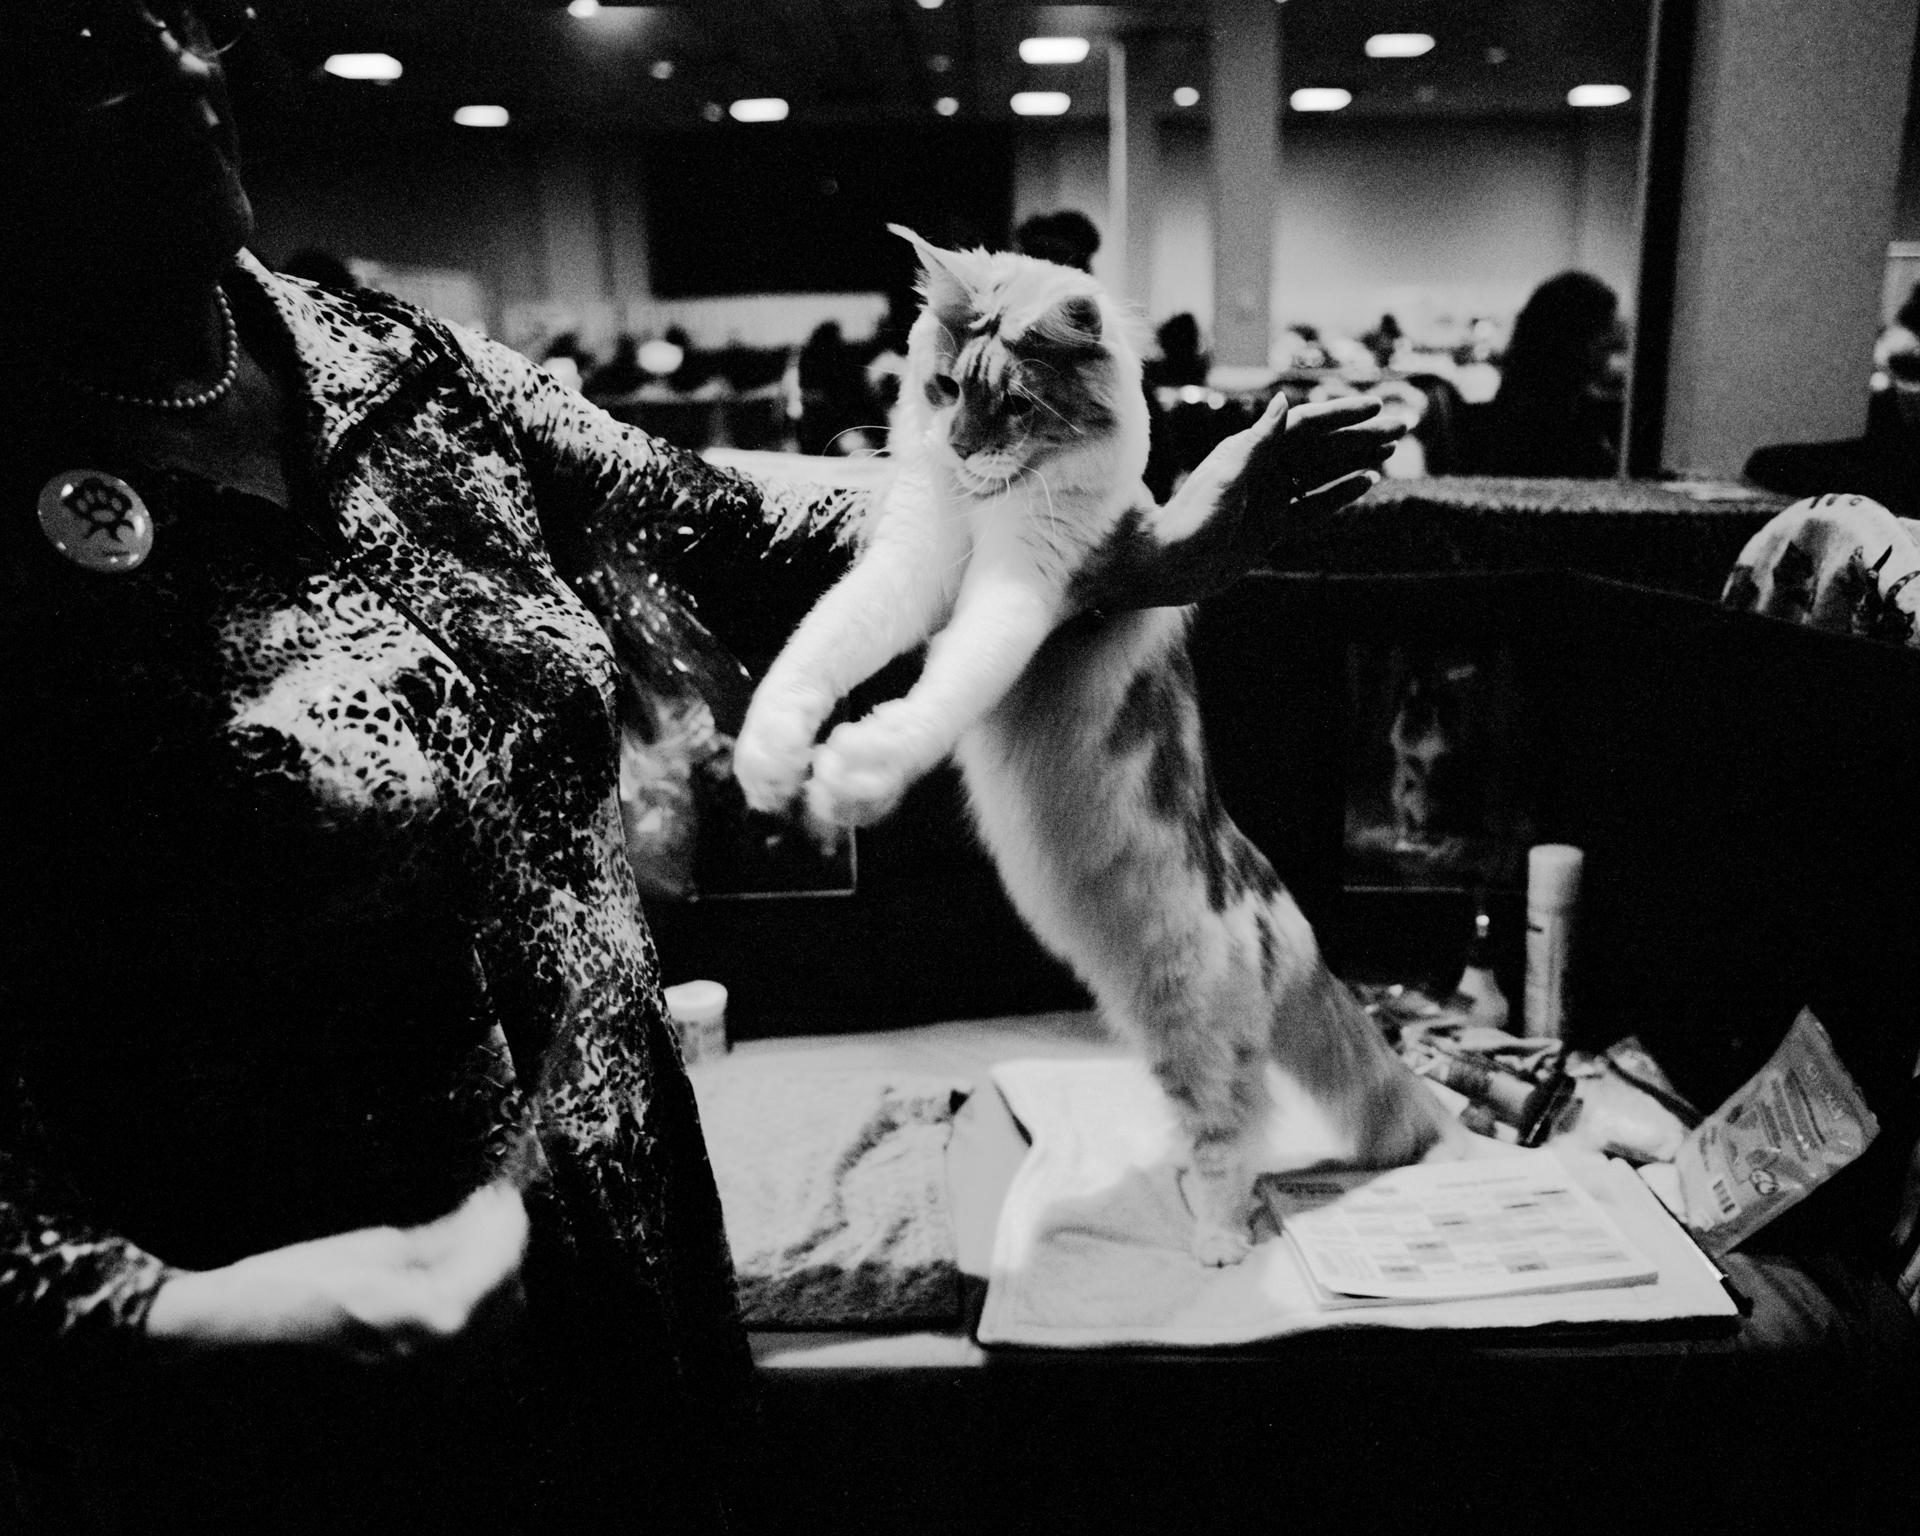 mpiepenbrink-pdx-catshow-11.jpg